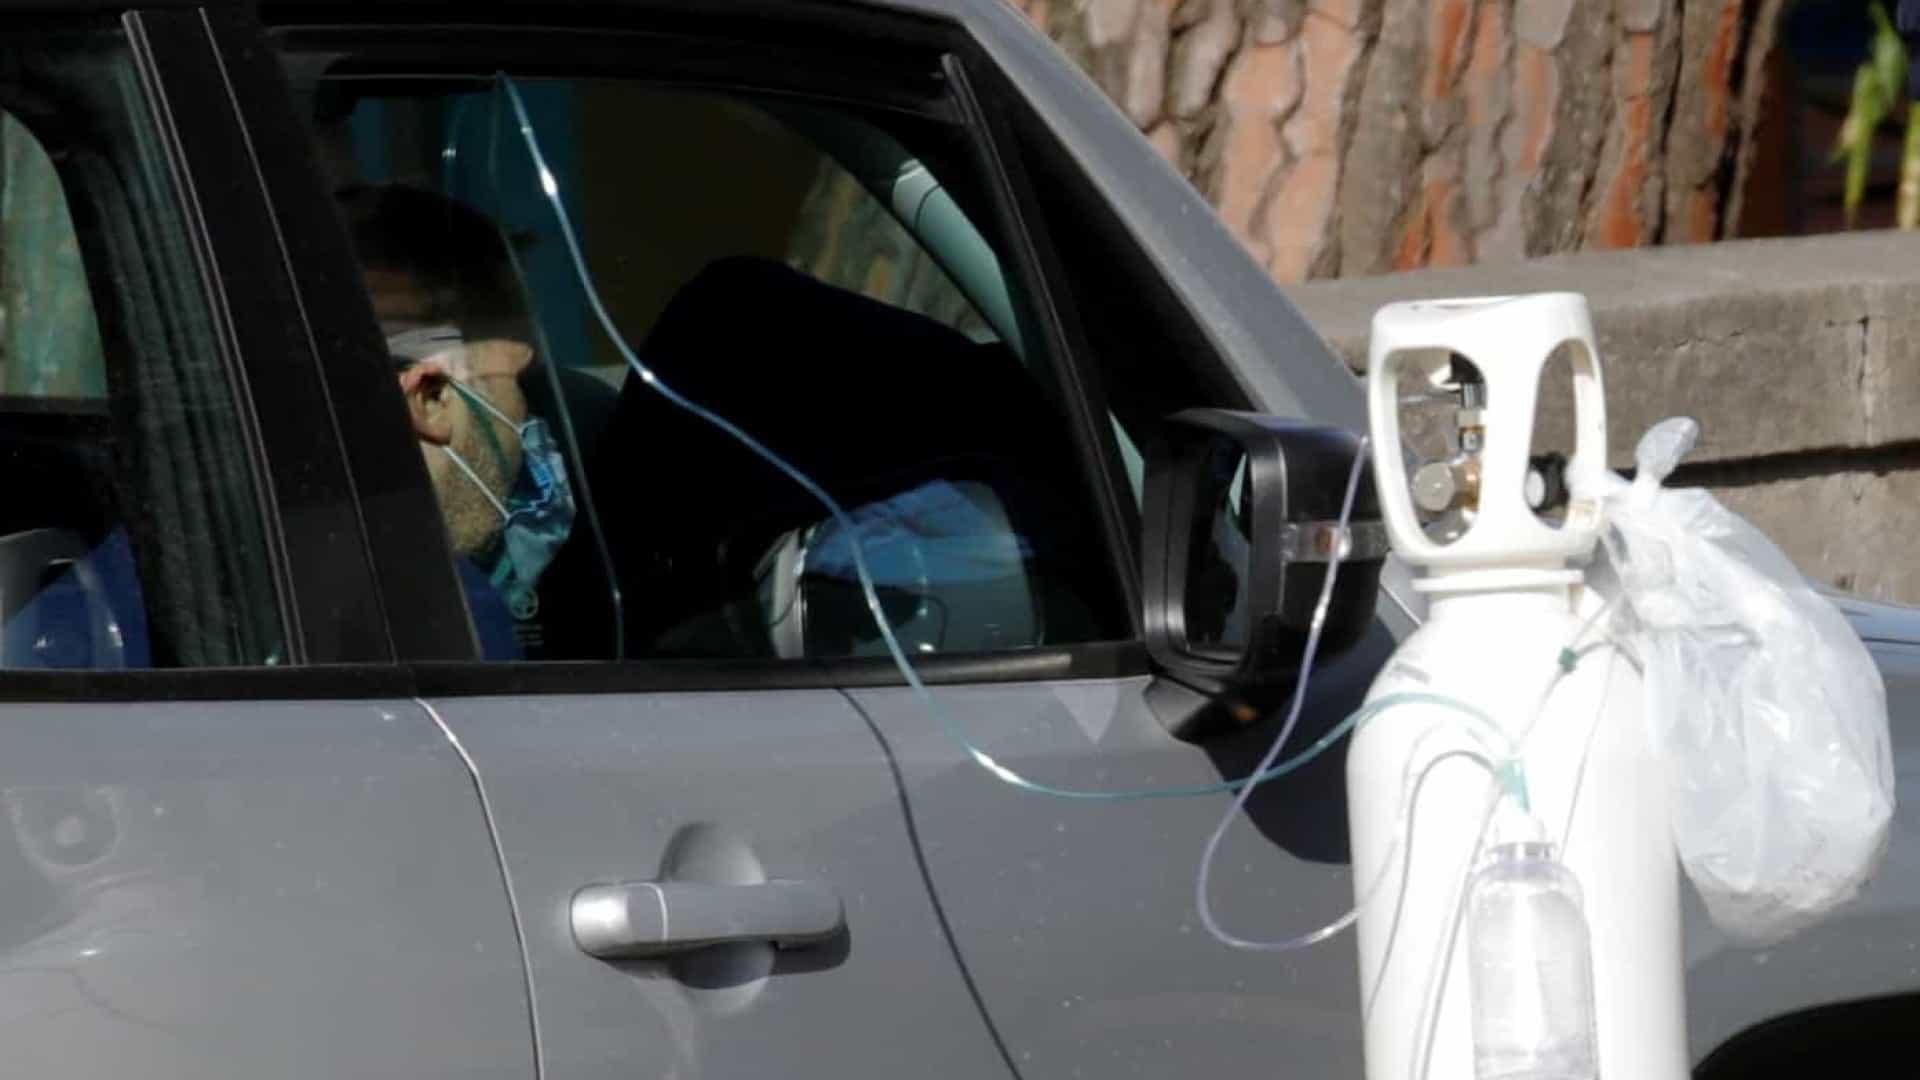 naom 5fabd38159feb - Itália: com hospitais lotados, doentes recebem oxigênio no carro